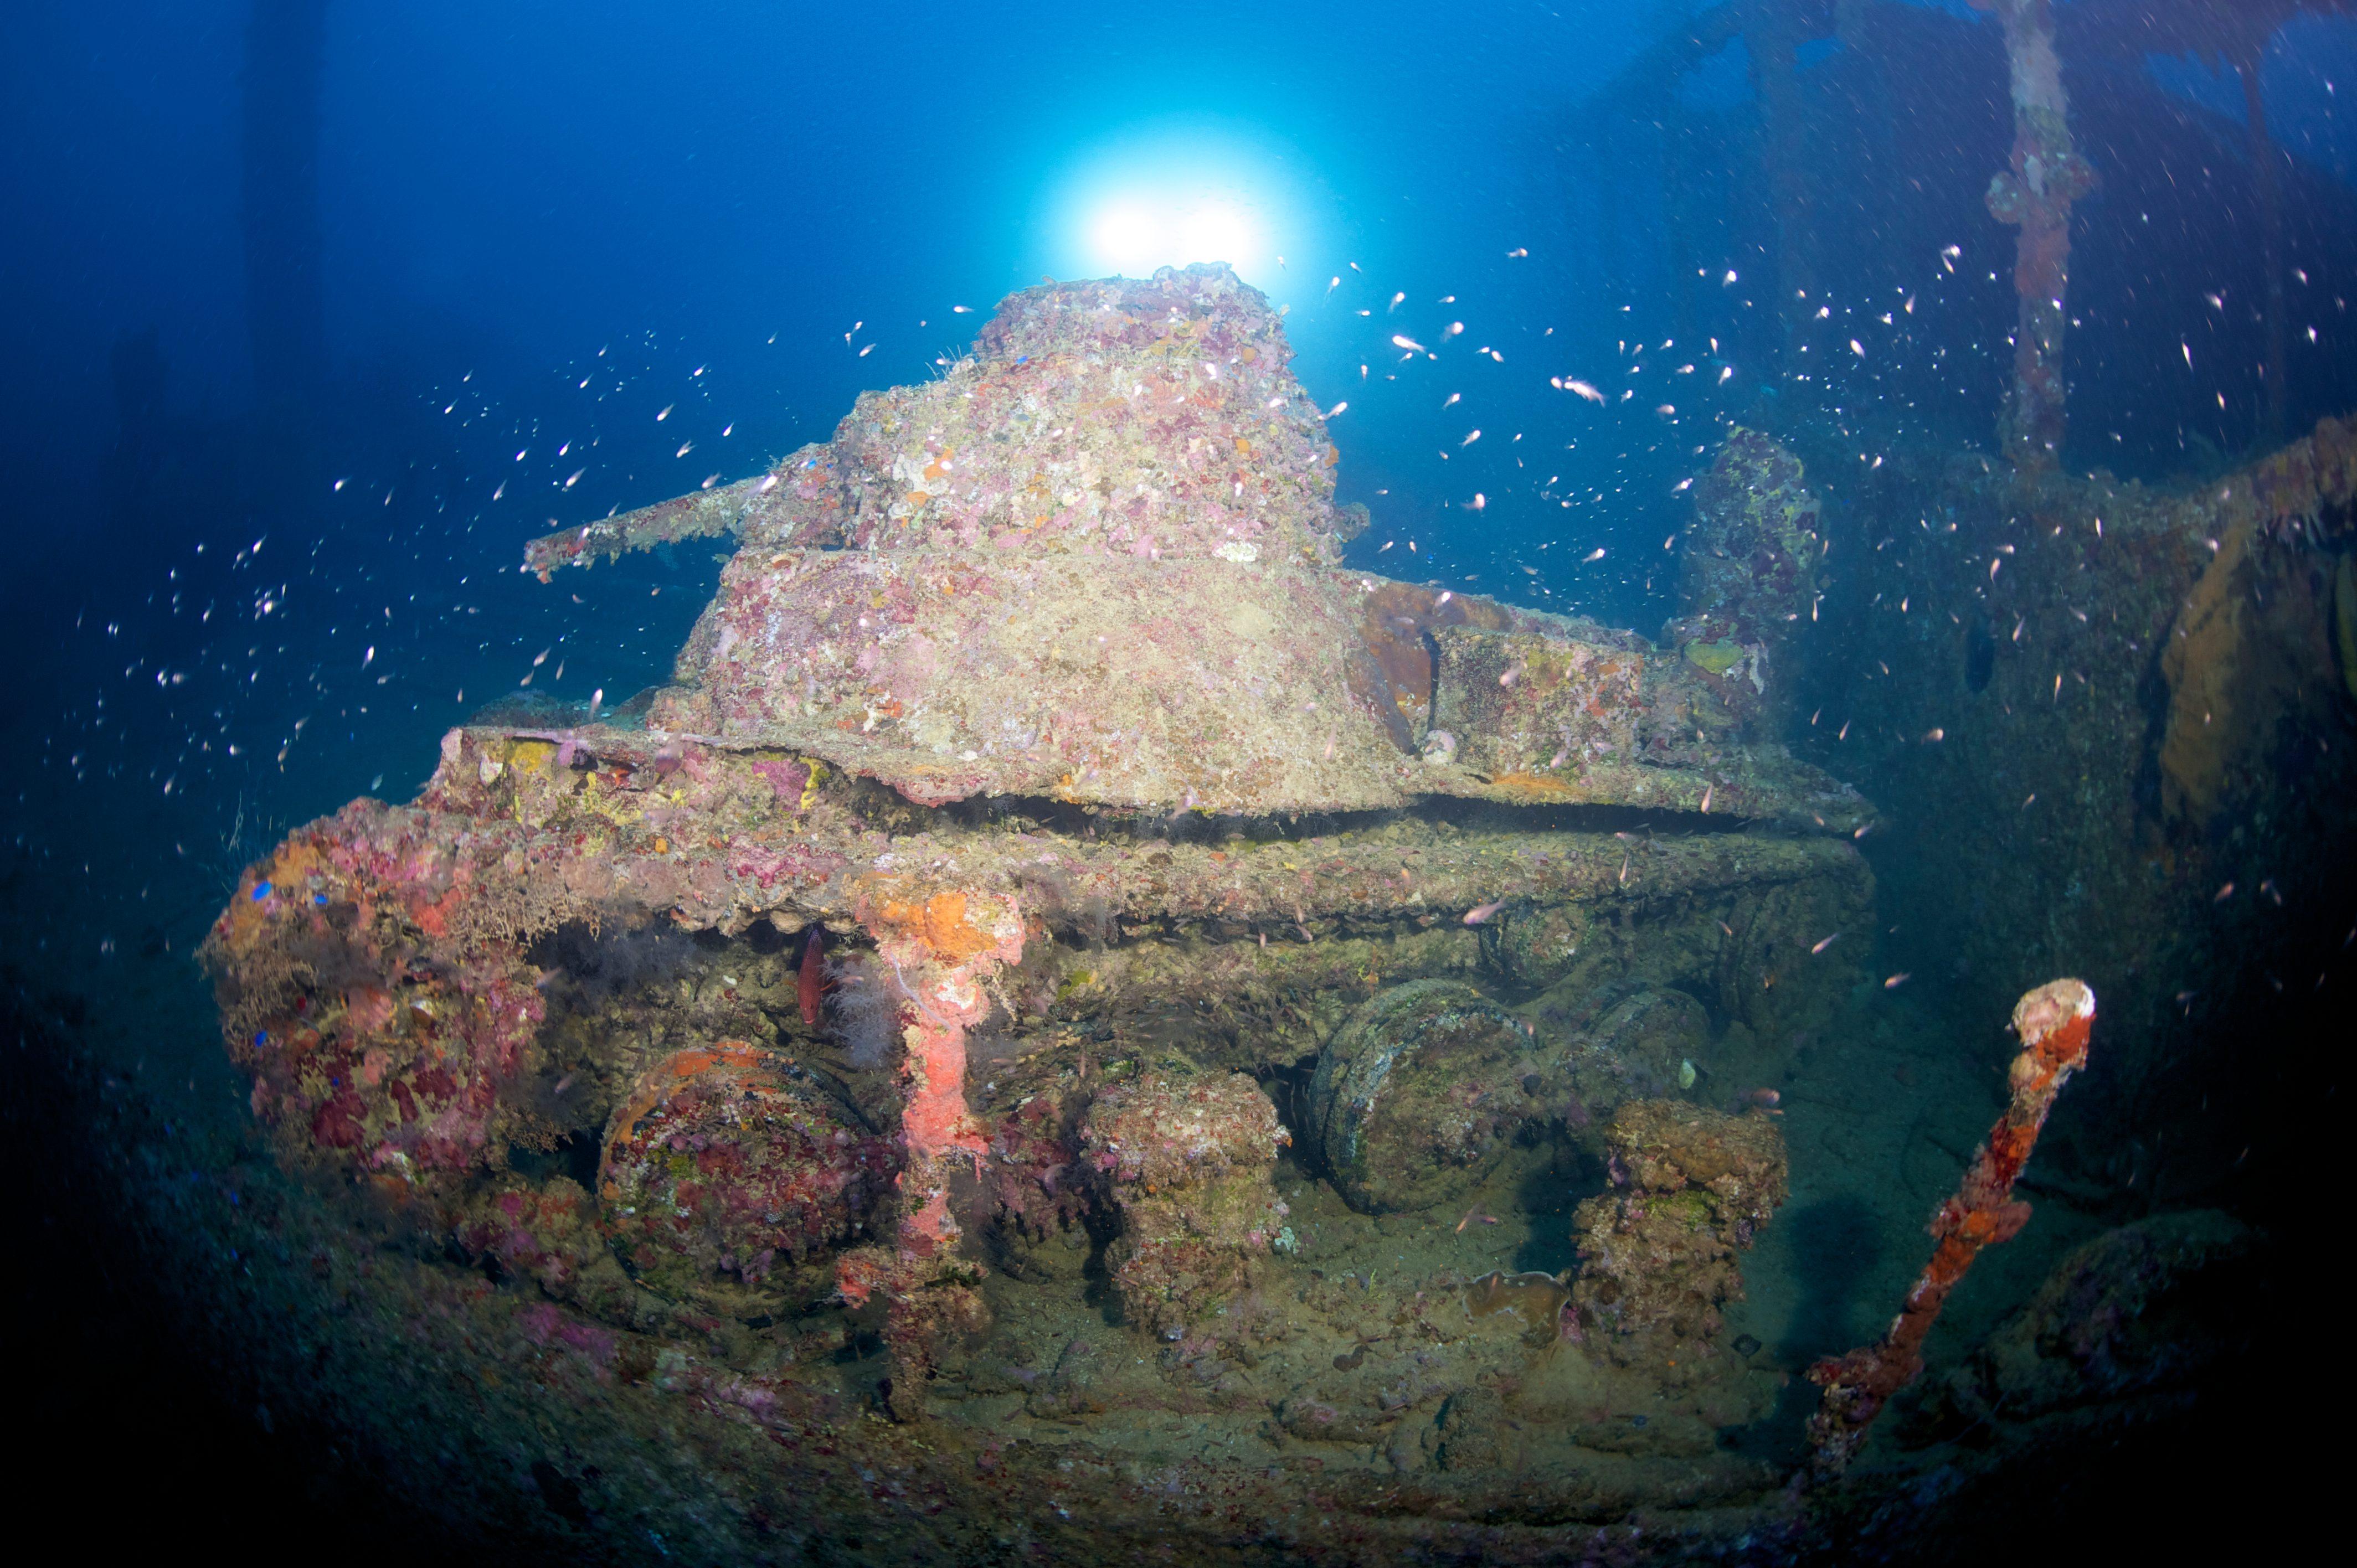 Shipwreck tank